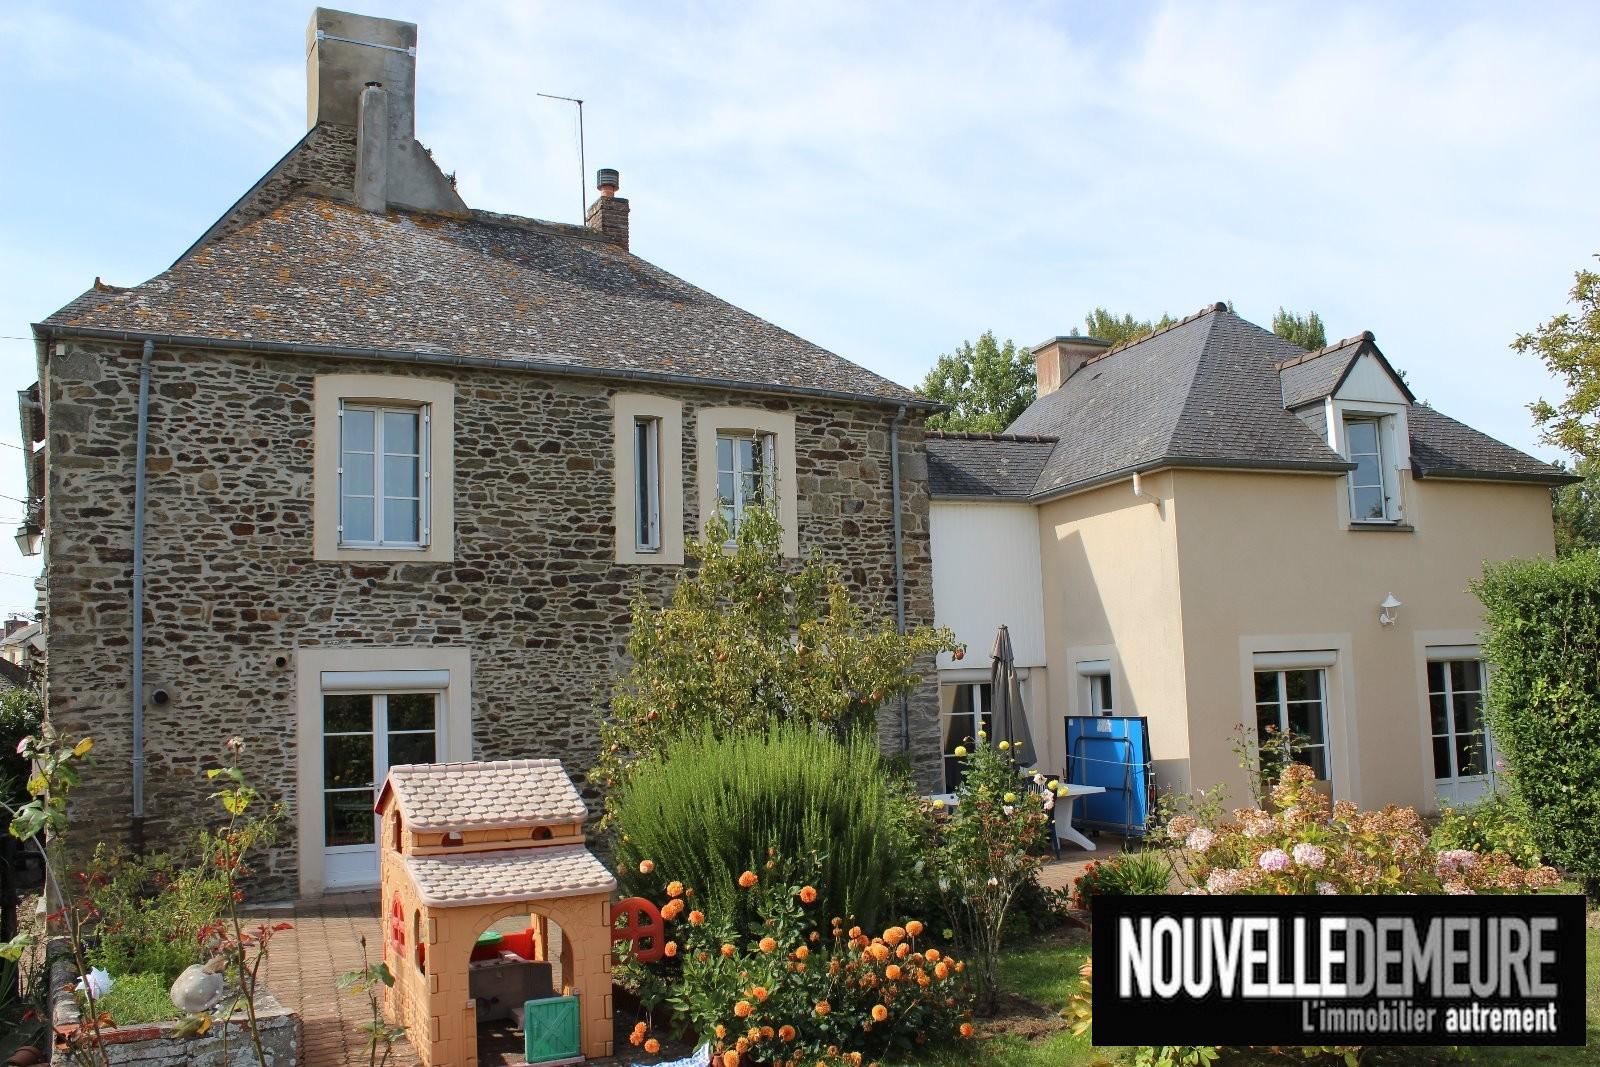 vente maison 5 pices 170 M2  Nouvelle Demeure